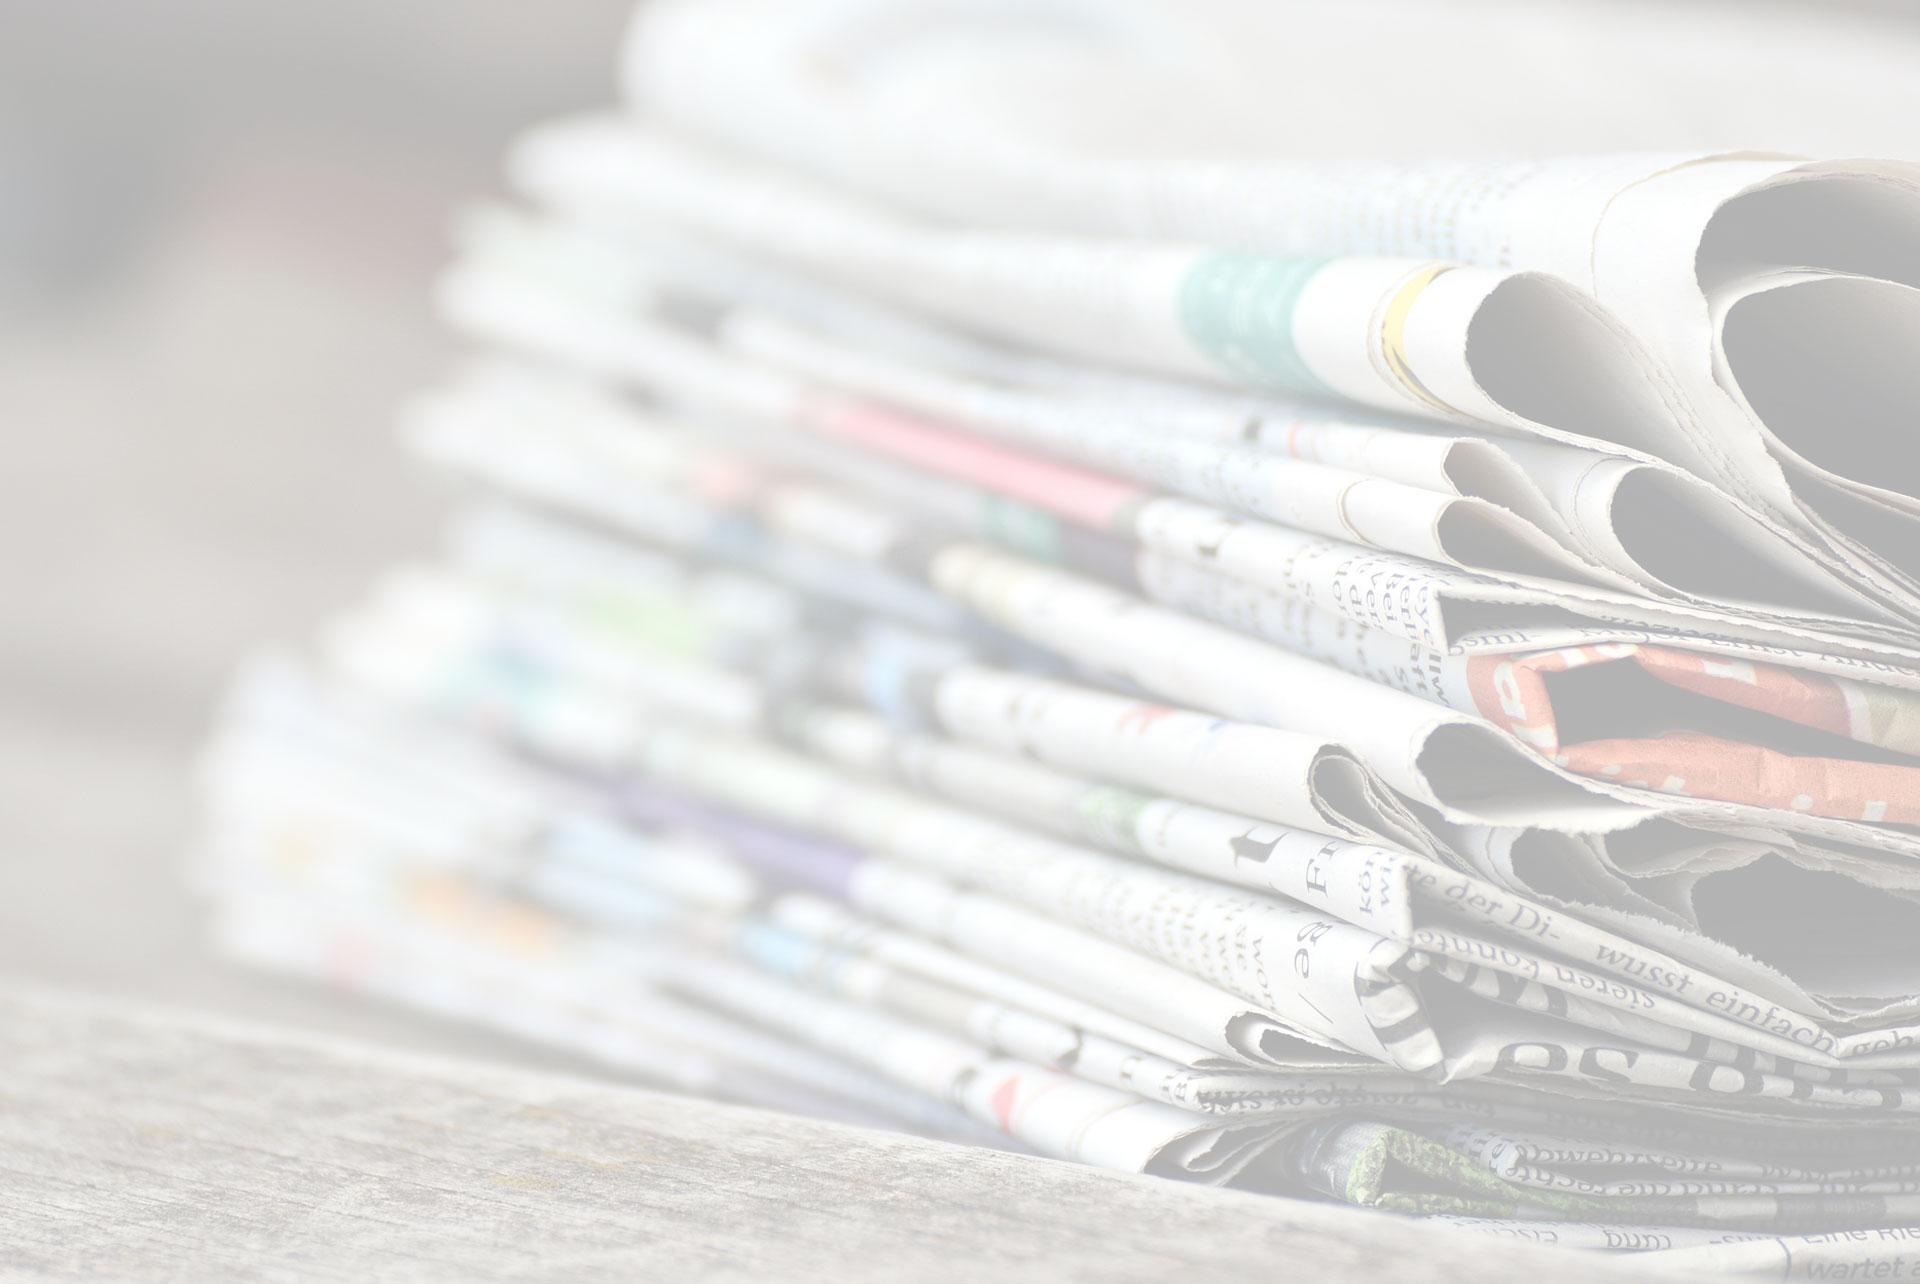 Zorro in piazza Duomo